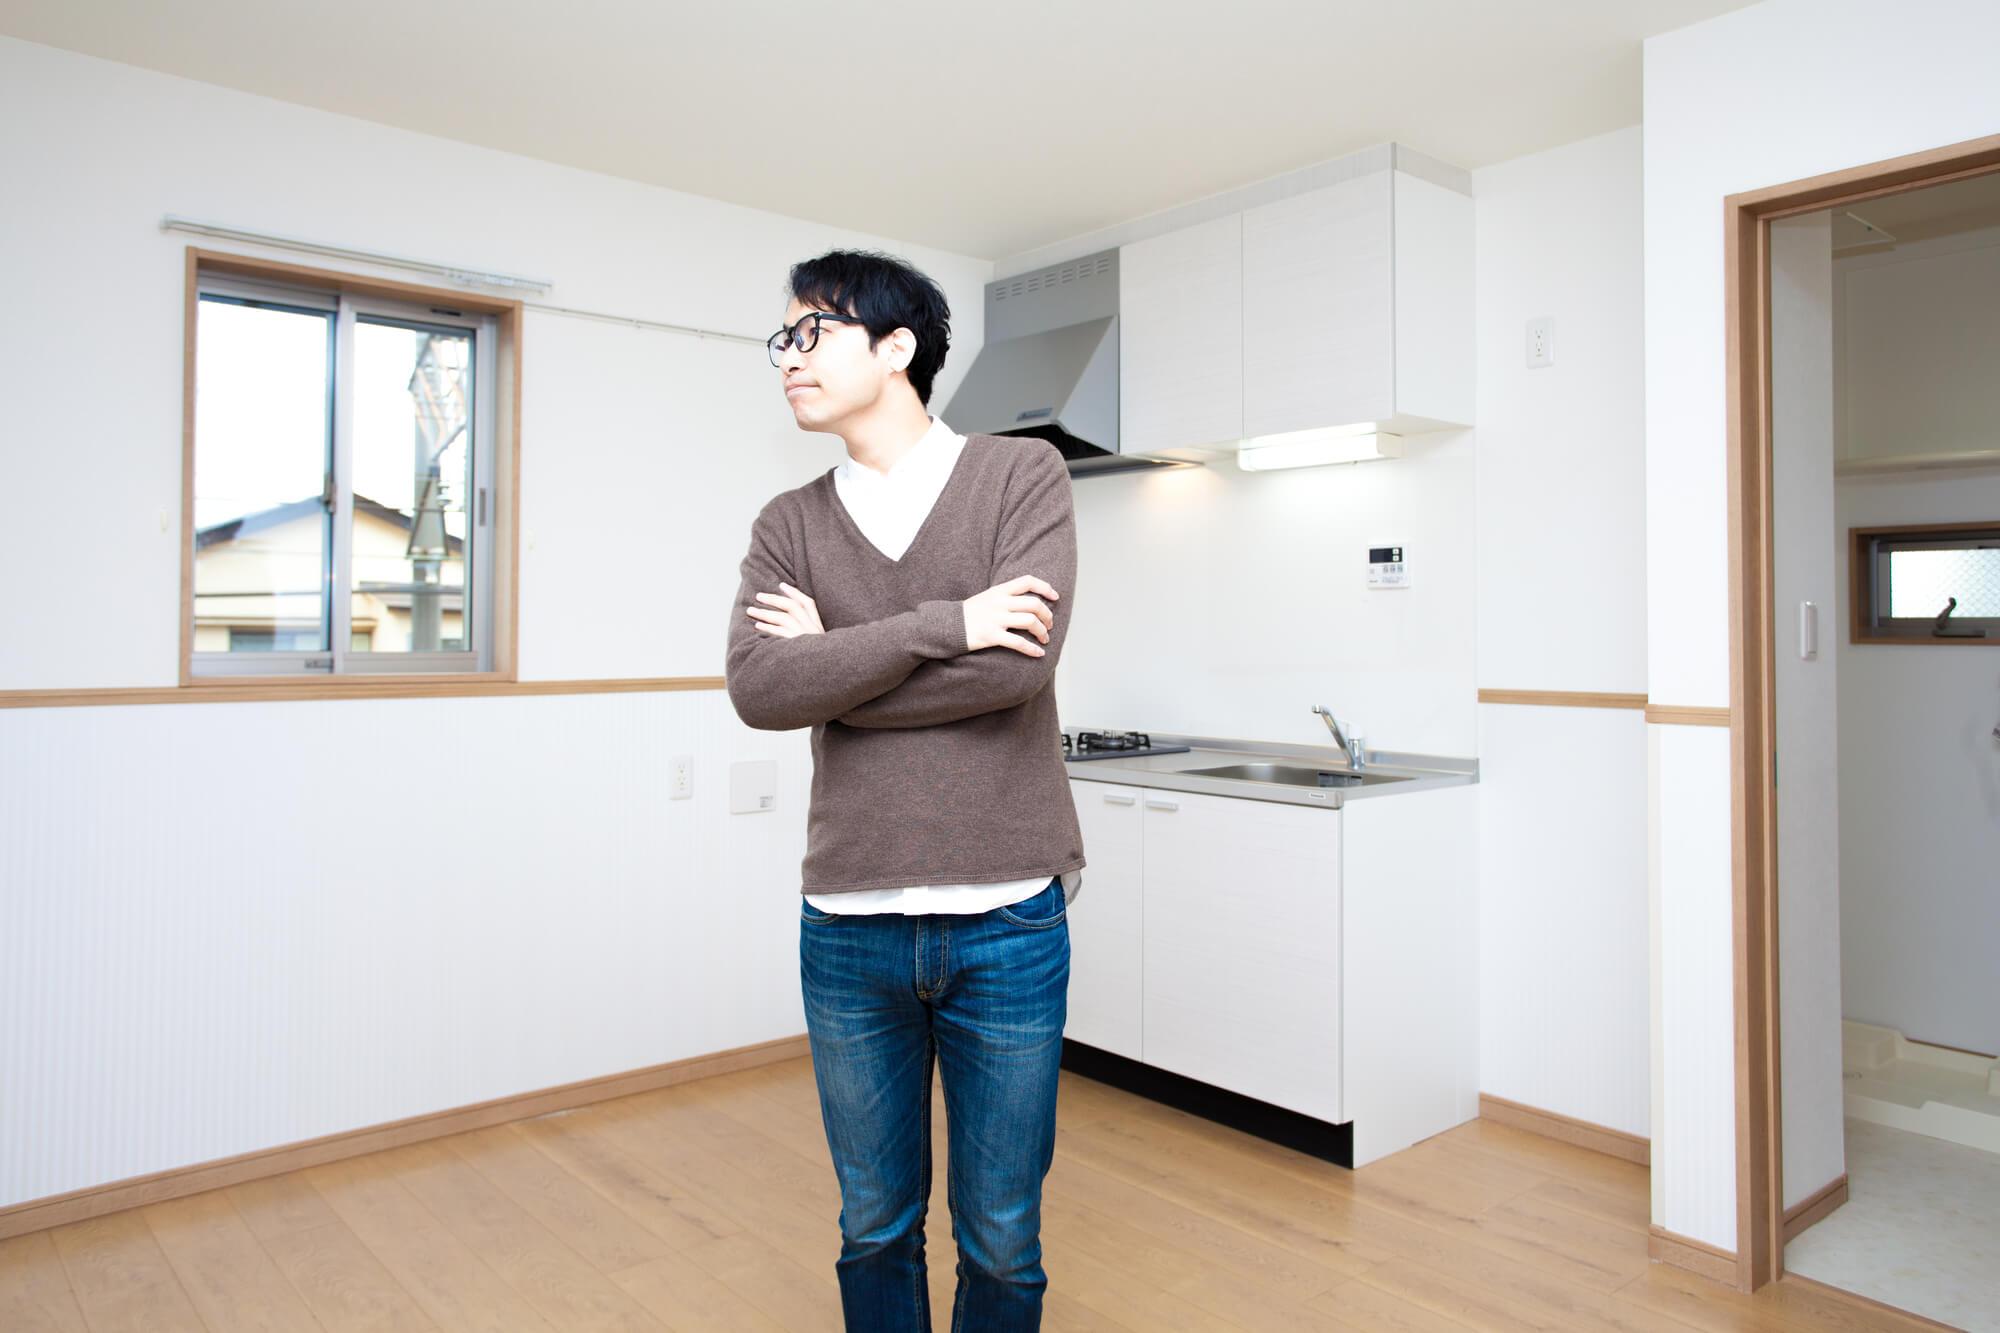 ワンルーム(1R)とは? 入居者のつきやすいおすすめ間取りを解説!